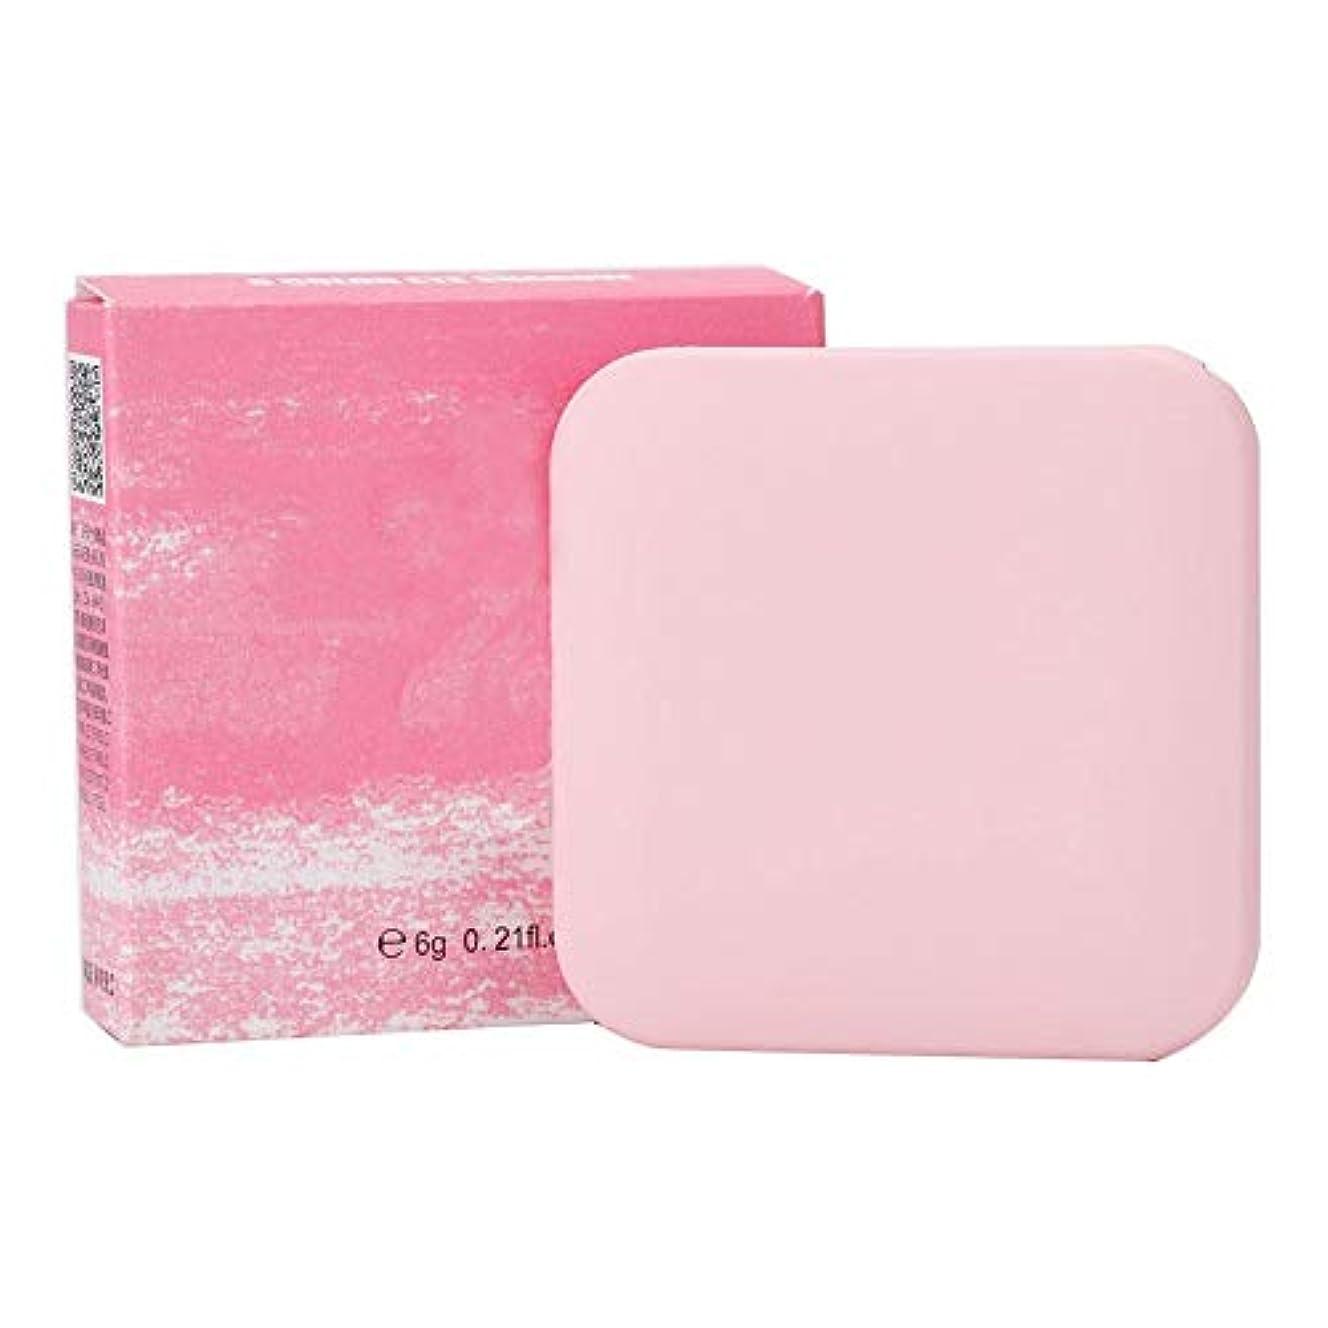 主人ラフレシアアルノルディコマンド6色 アイシャドウパレット 6g アイシャドウパレット 化粧マットグロス アイシャドウパウダー 化粧品ツール (01)